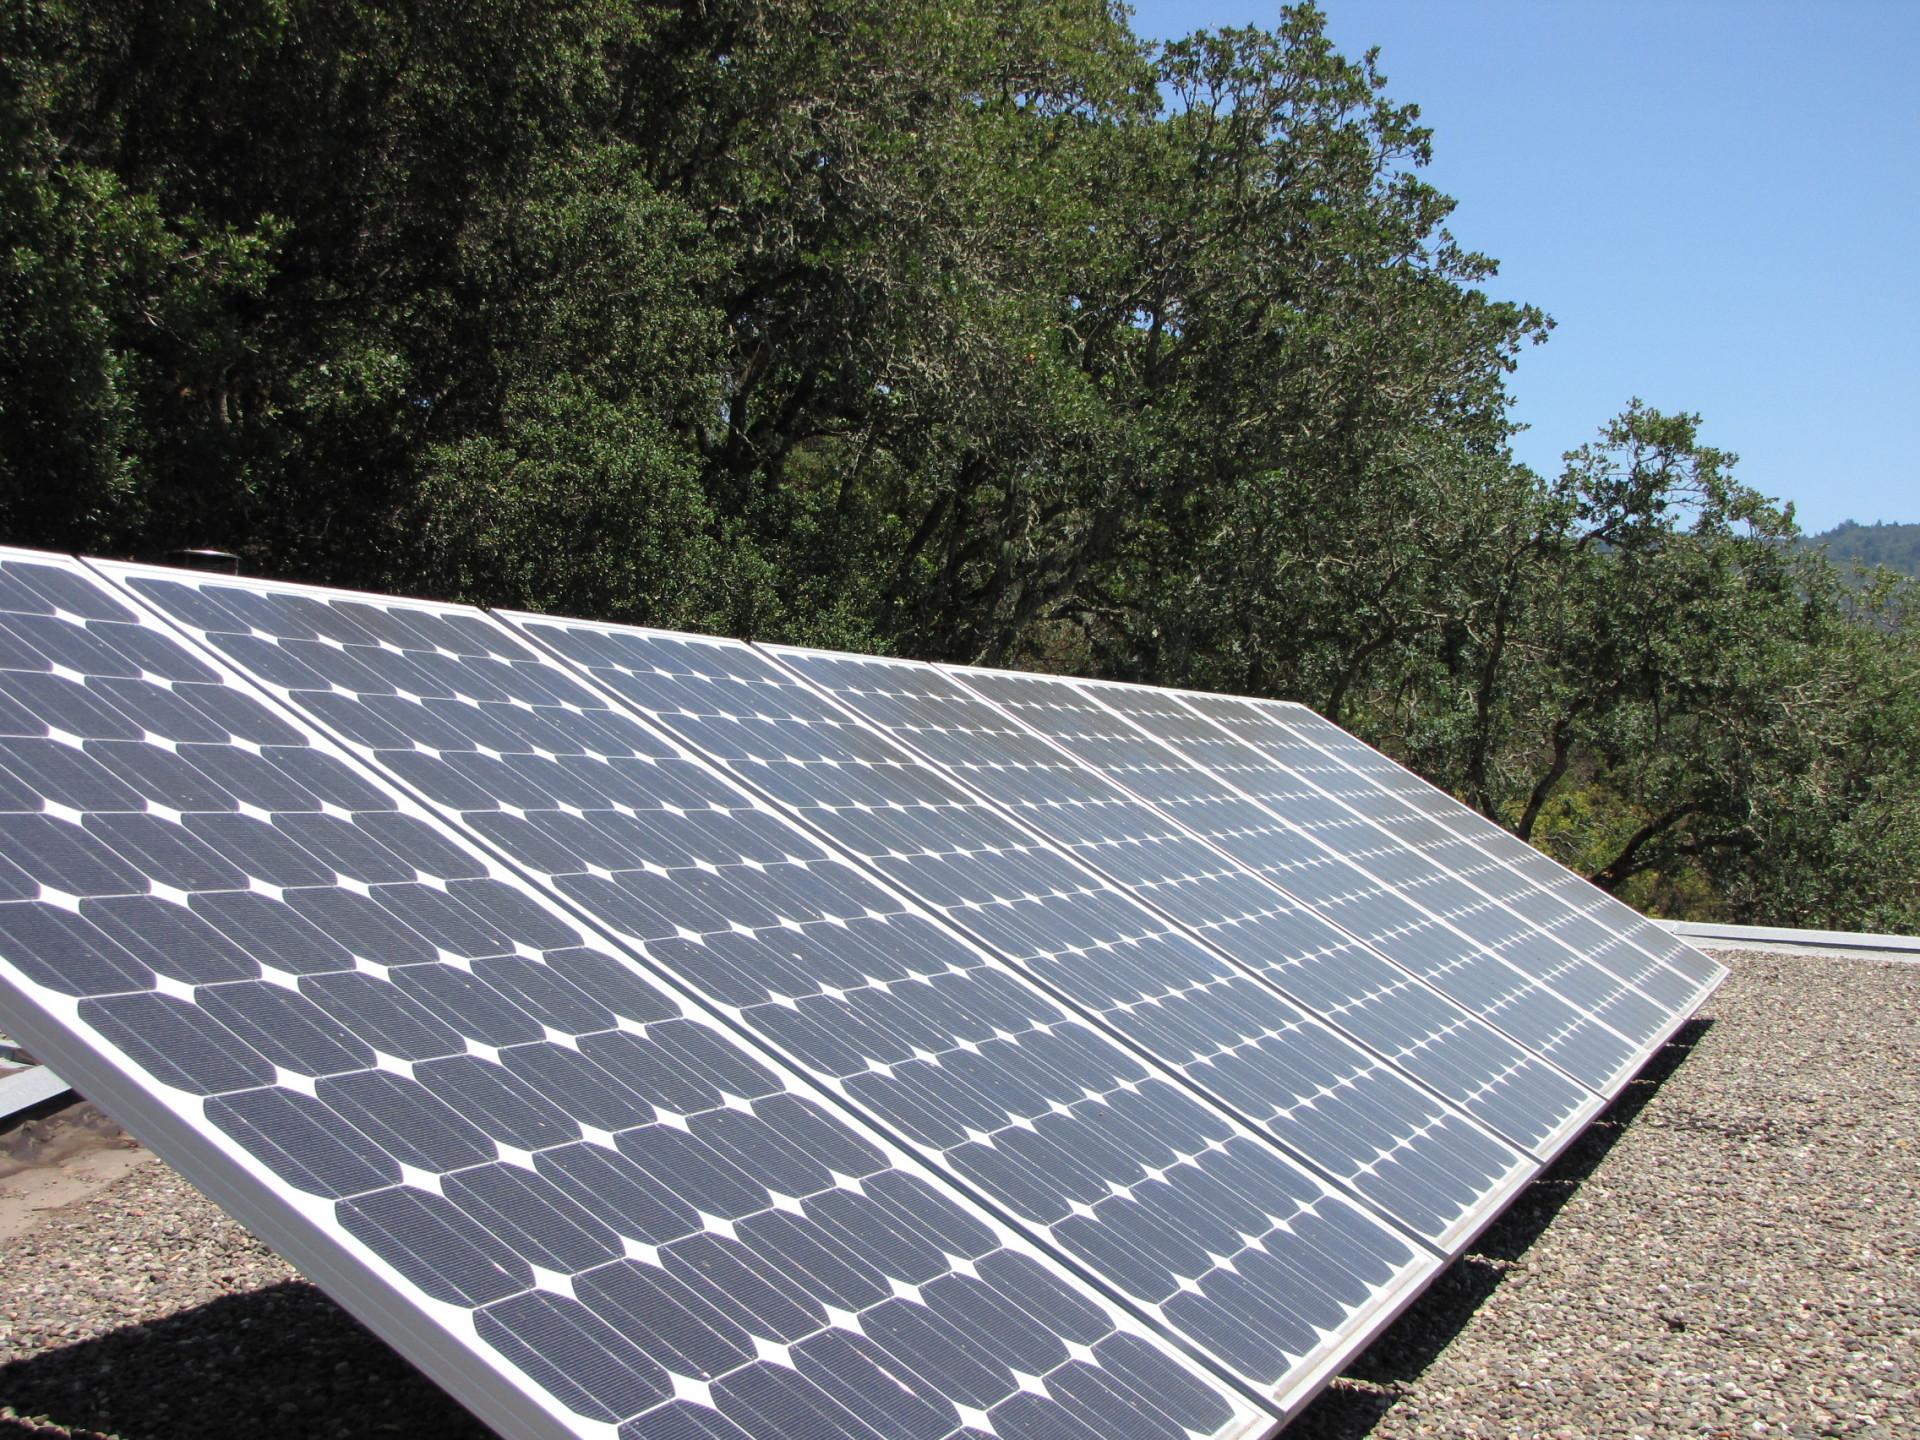 Residential solar panel.